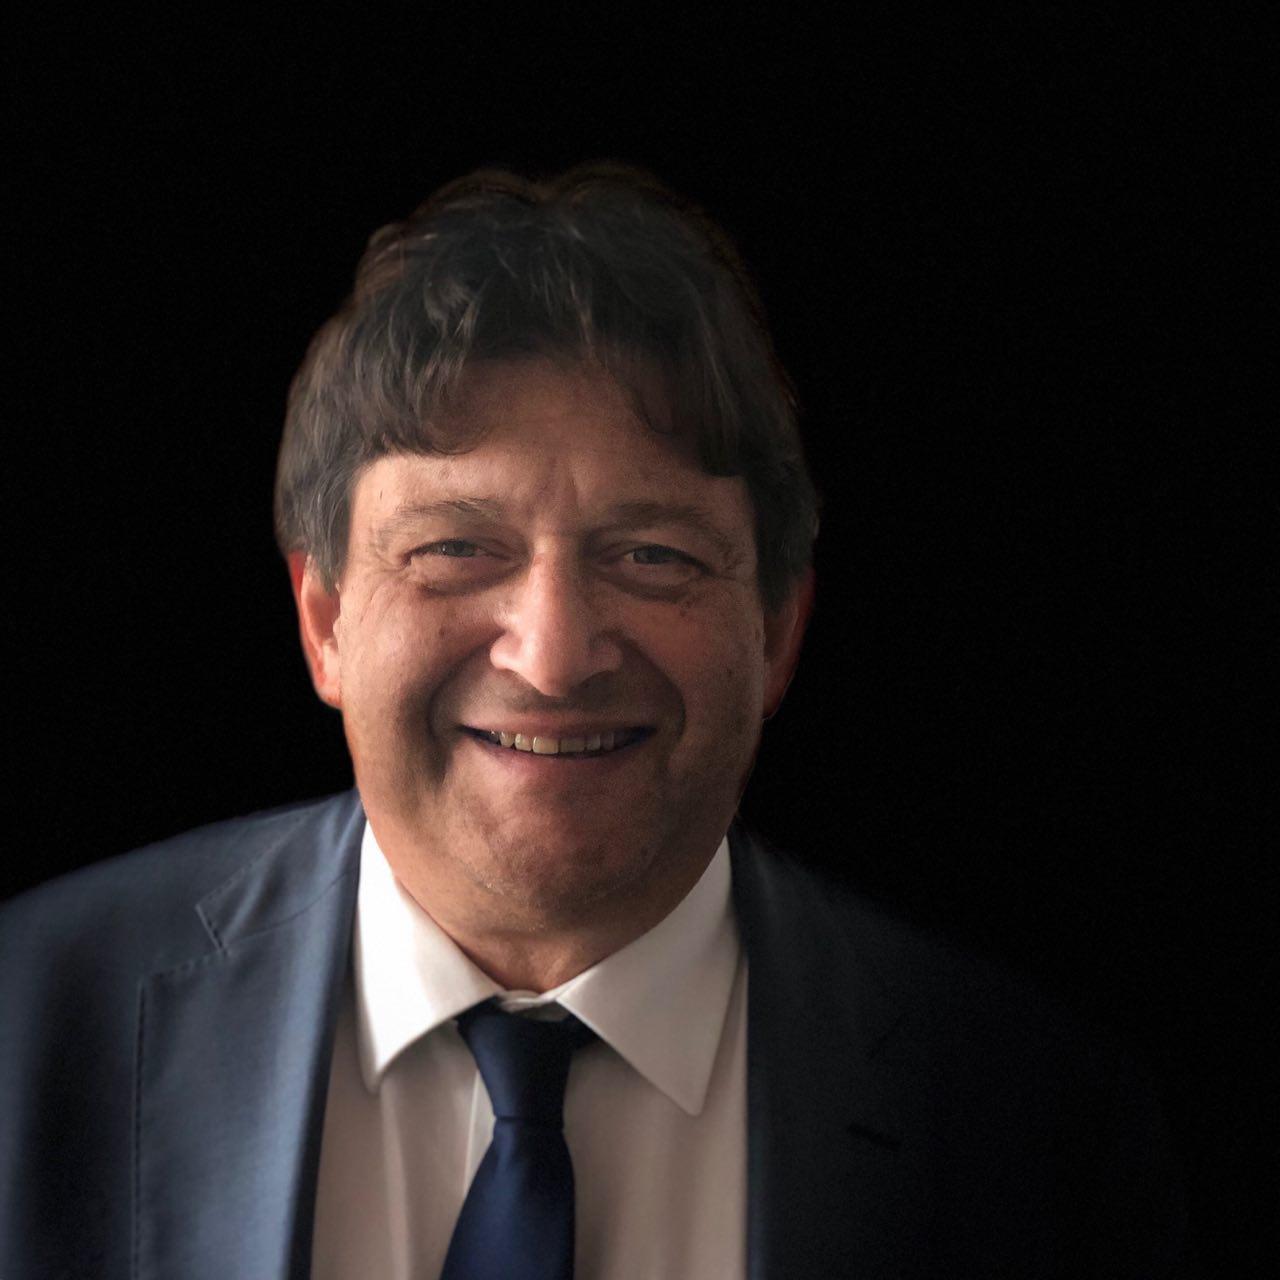 Andrea Verzola